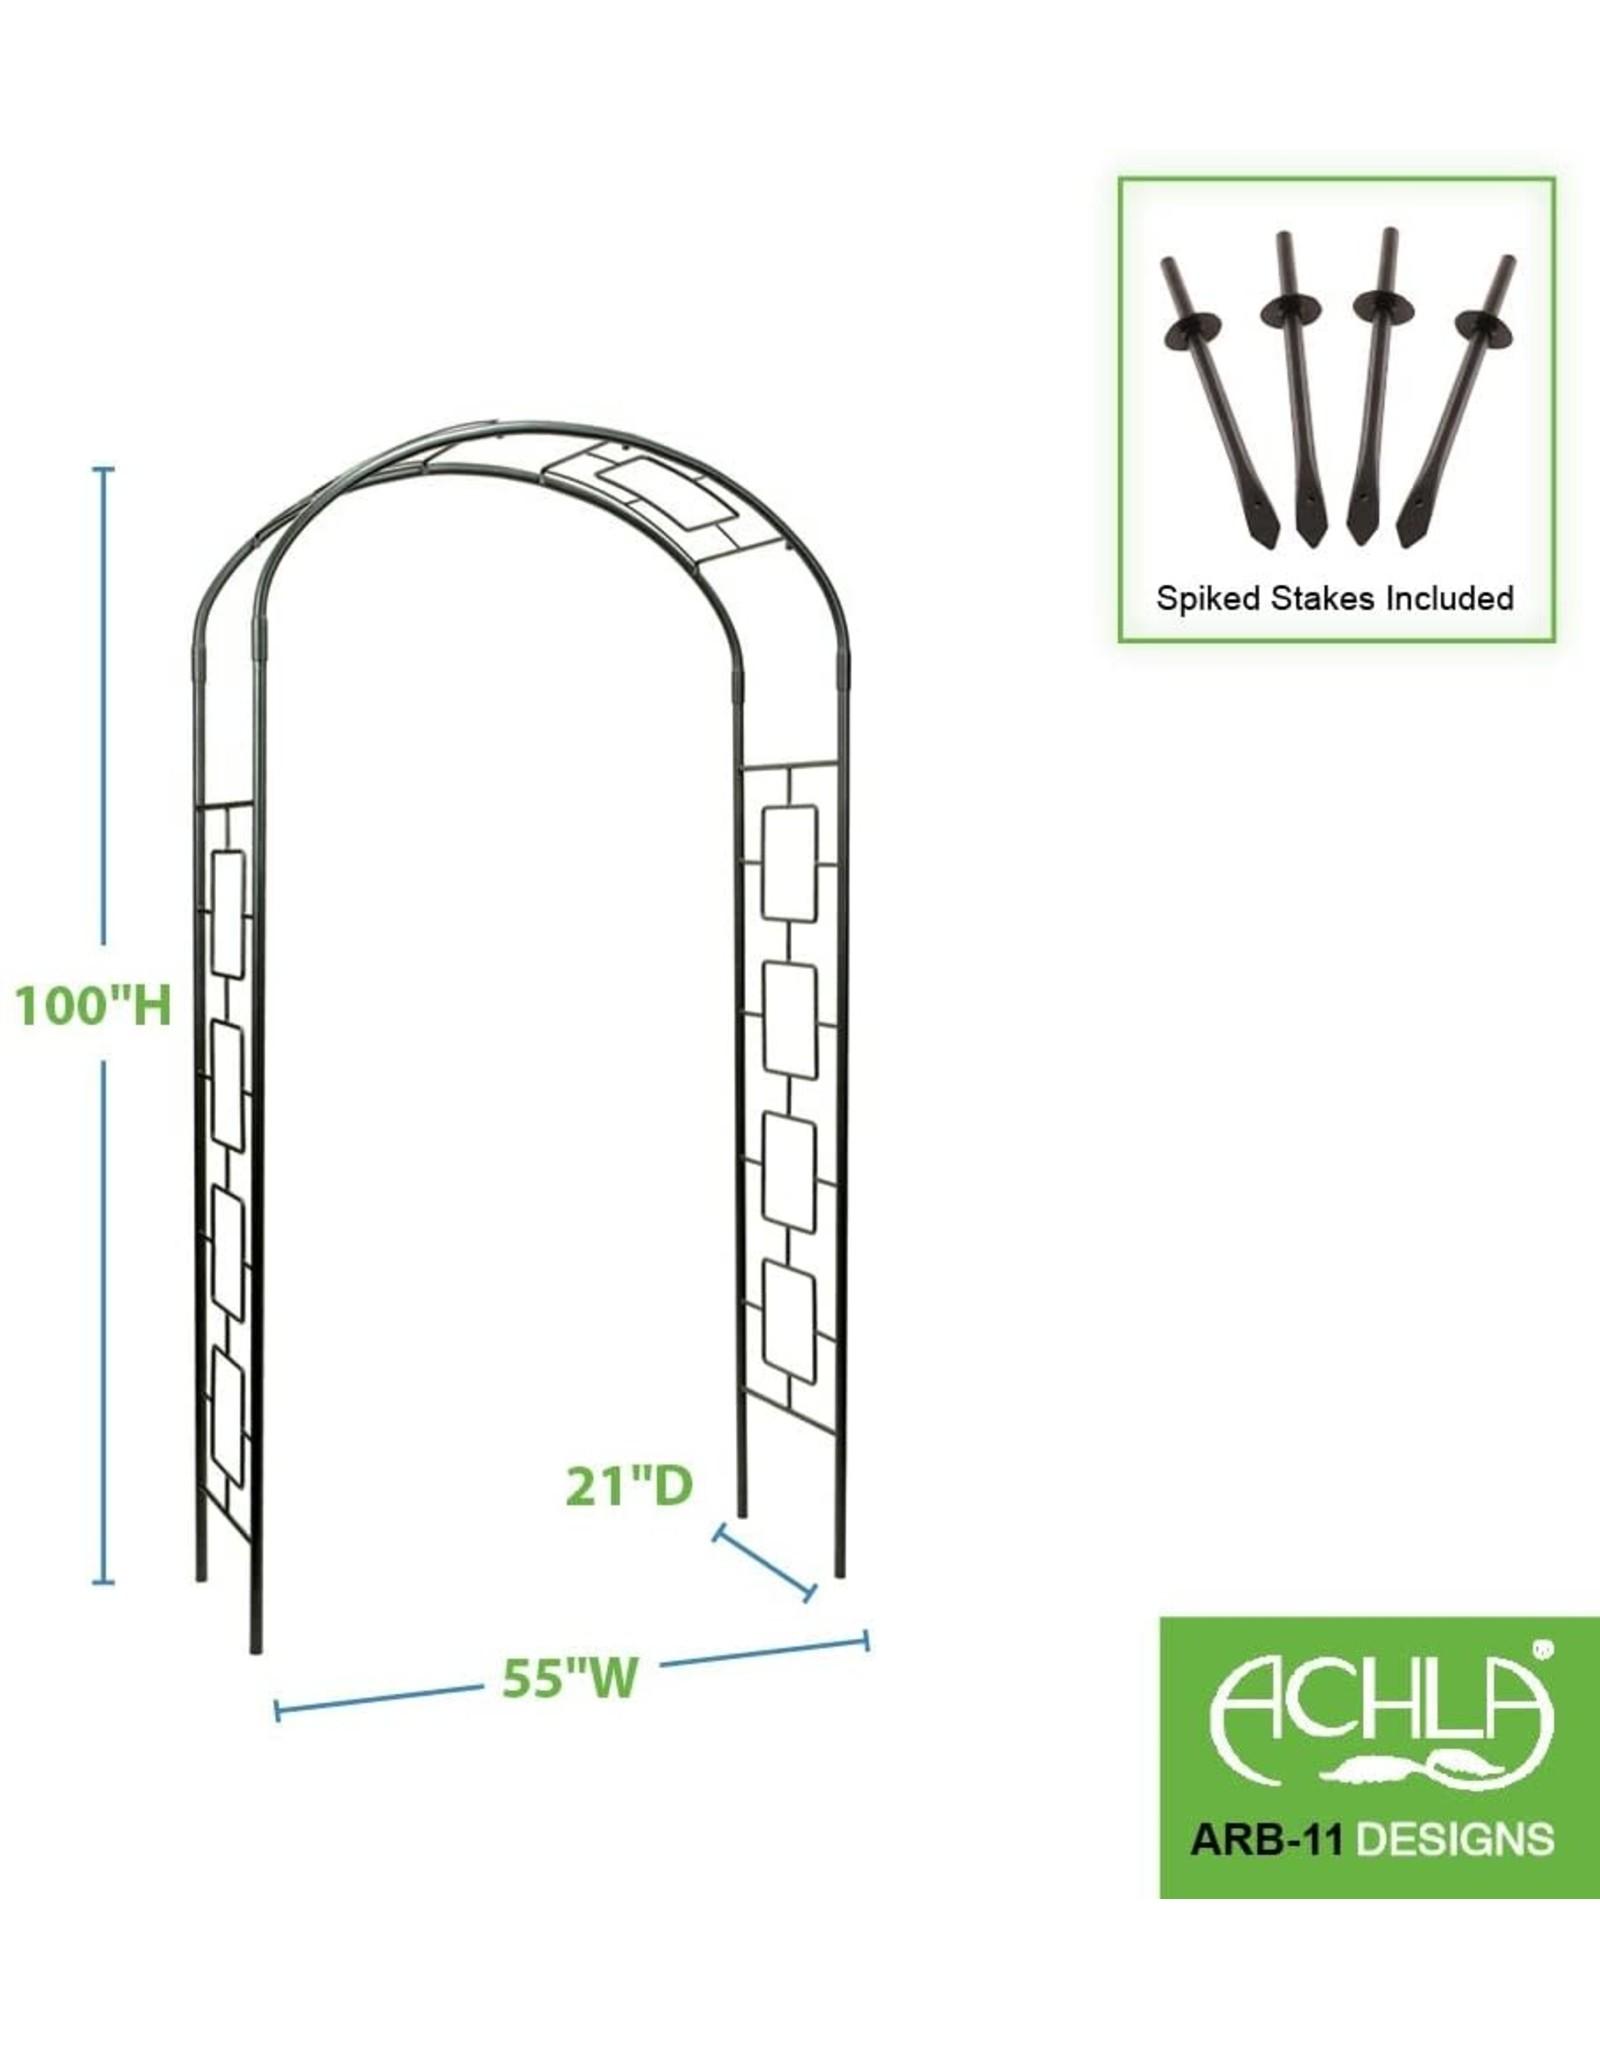 Achla Achla Designs ARB-11 Modern Metal Arbor Arch,Garden Décor, Graphite